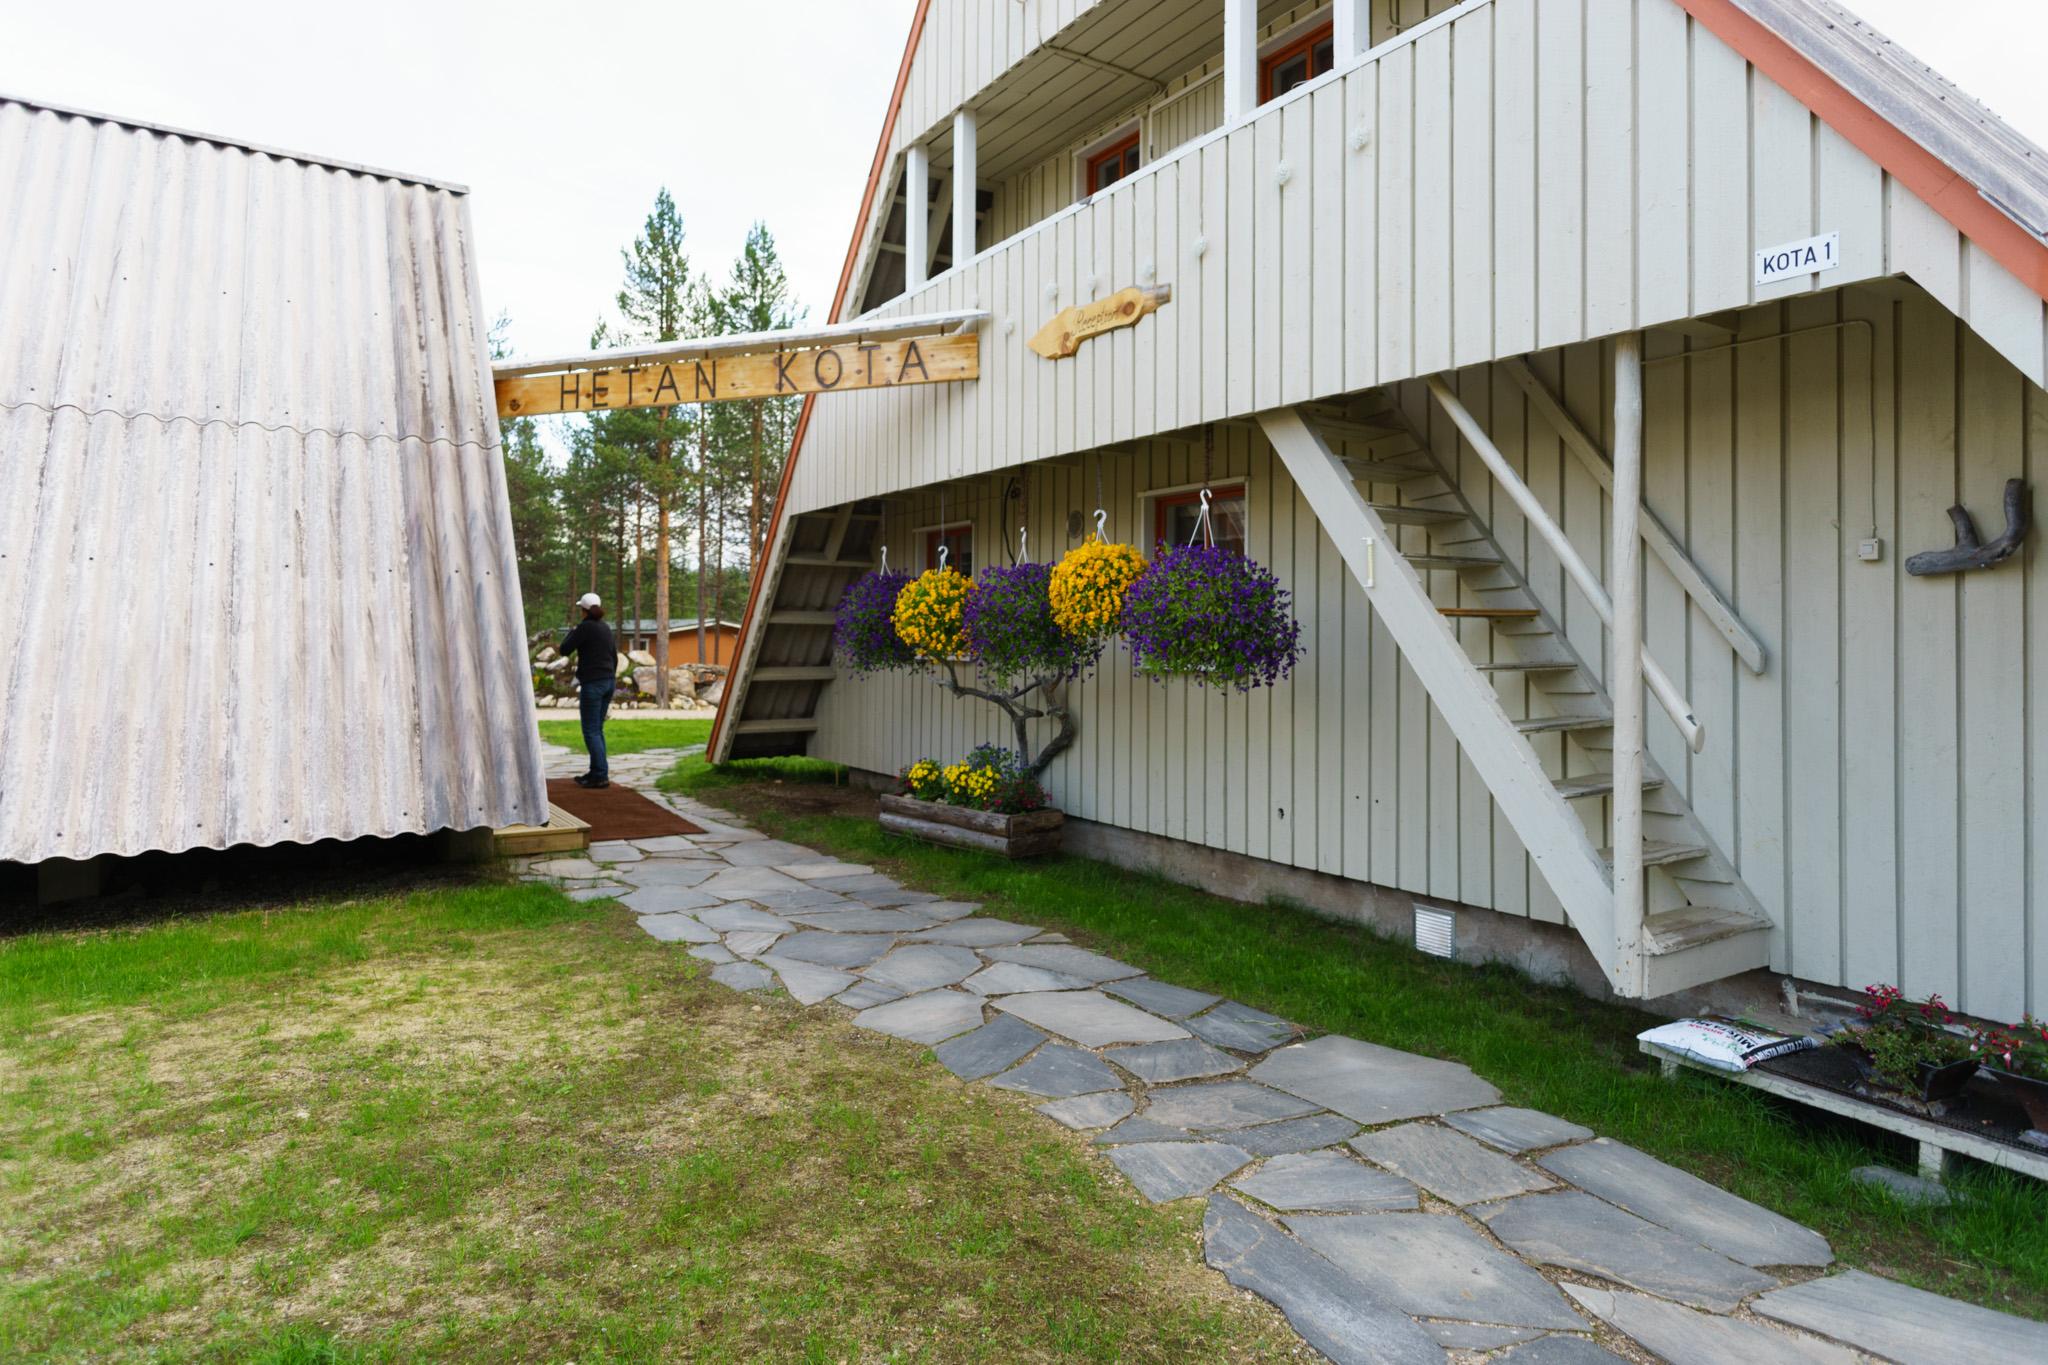 Hetan Kota in Enontekiö